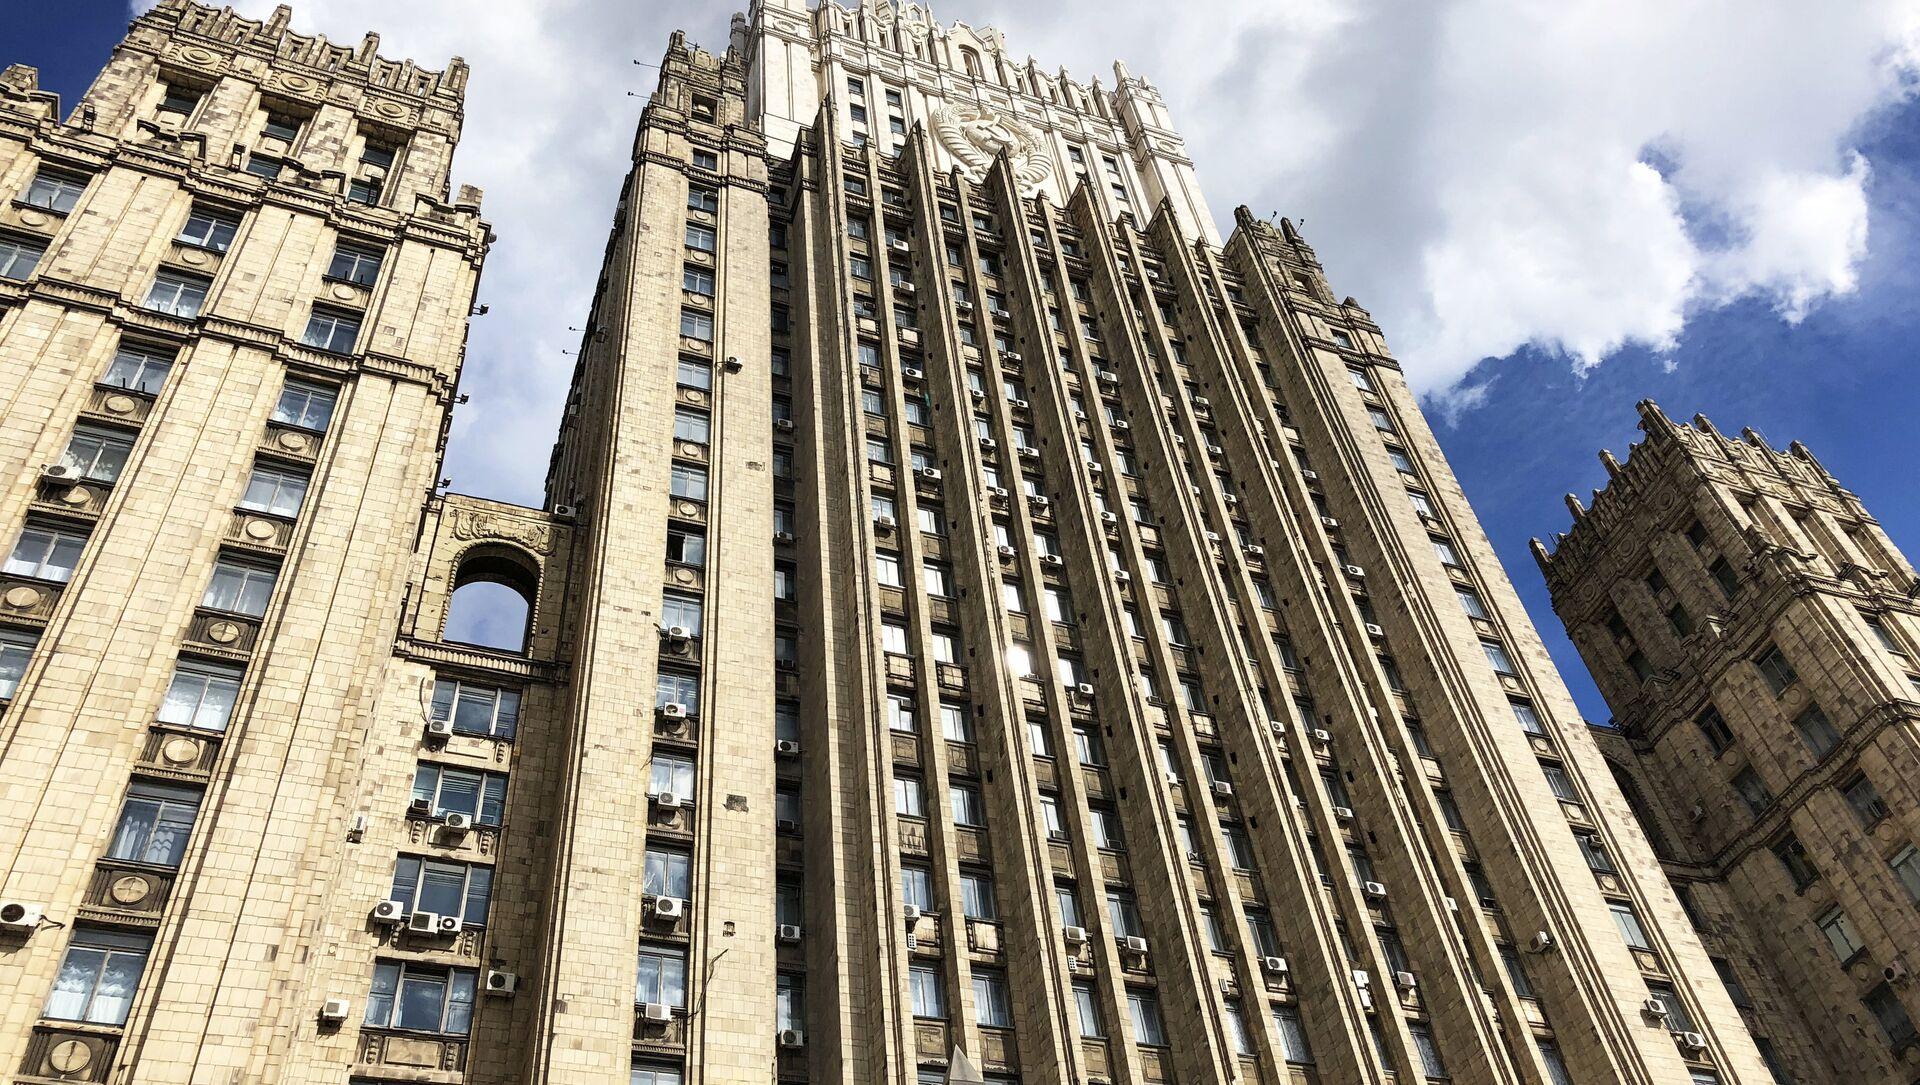 Здание министерства иностранных дел РФ на Смоленской-Сенной площади в Москве - Sputnik Беларусь, 1920, 18.04.2021